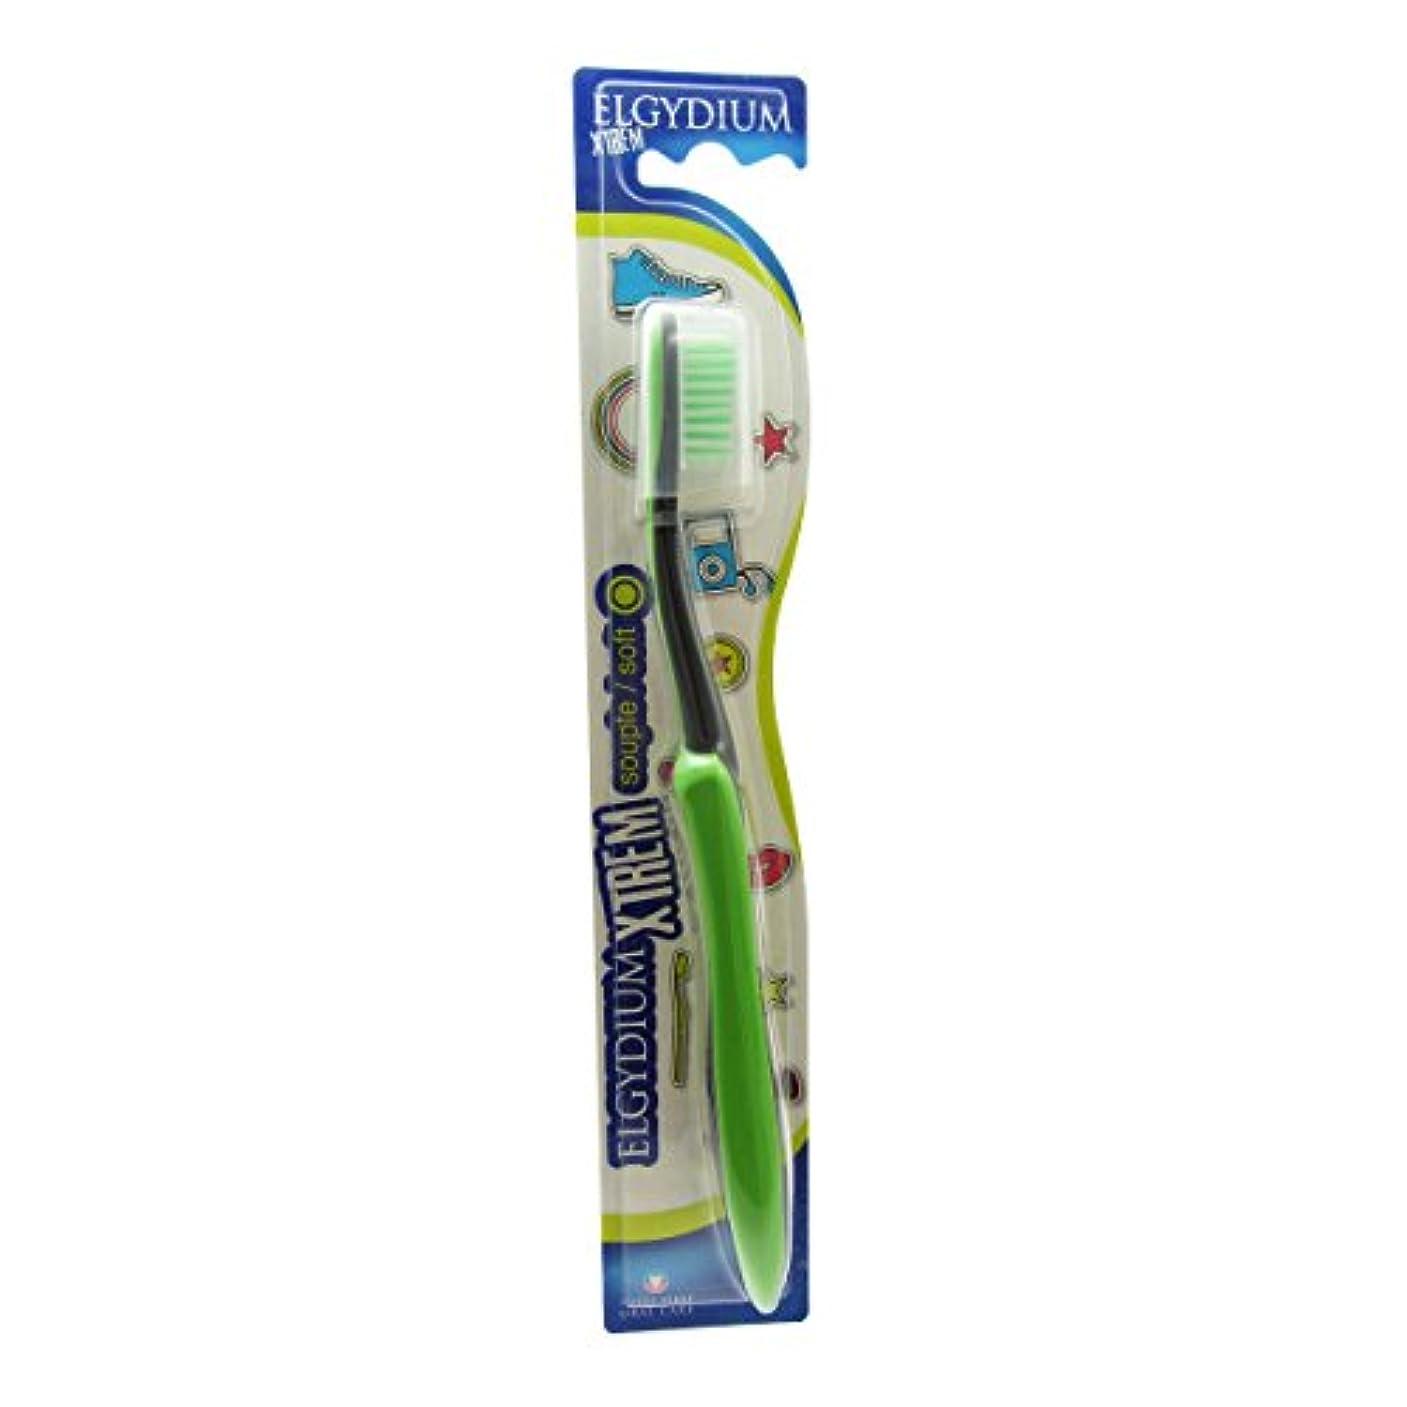 あいにく成熟社会学Elgydium Xtrem Toothbrush Soft Hardness [並行輸入品]